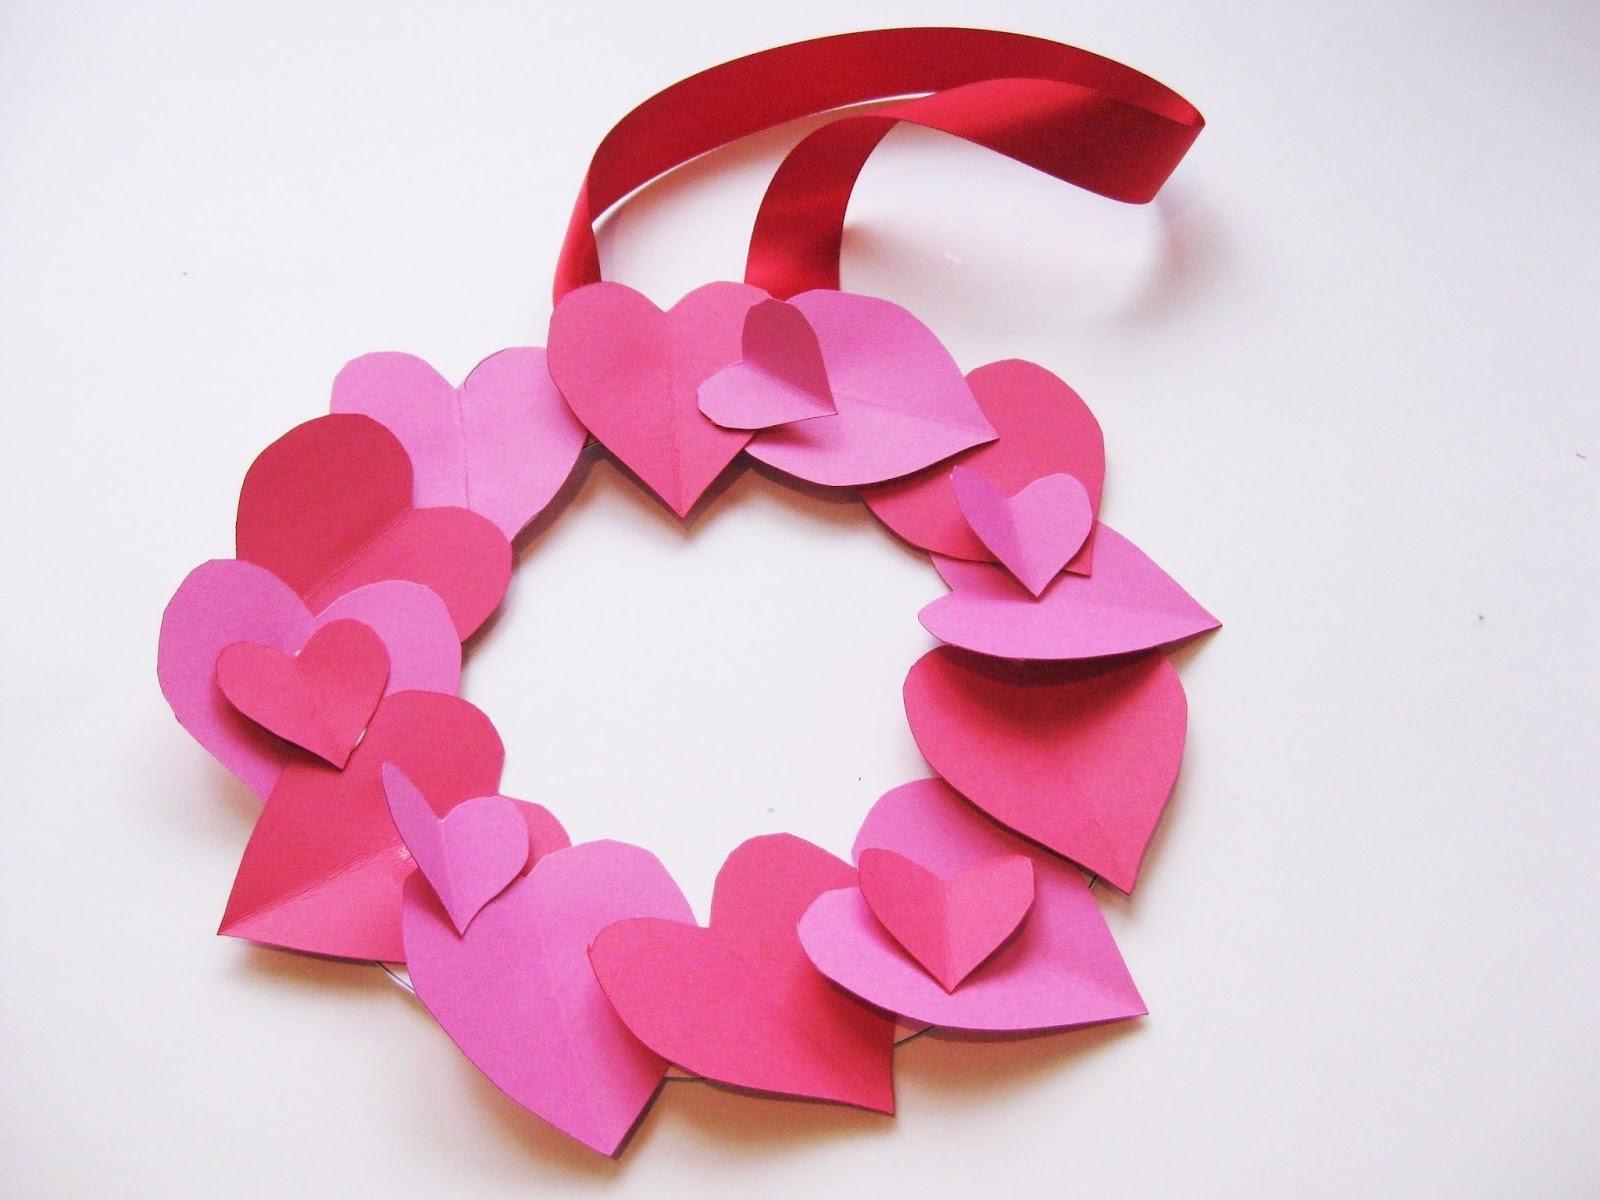 valentine wreath craft idea for valentines day - 736×552